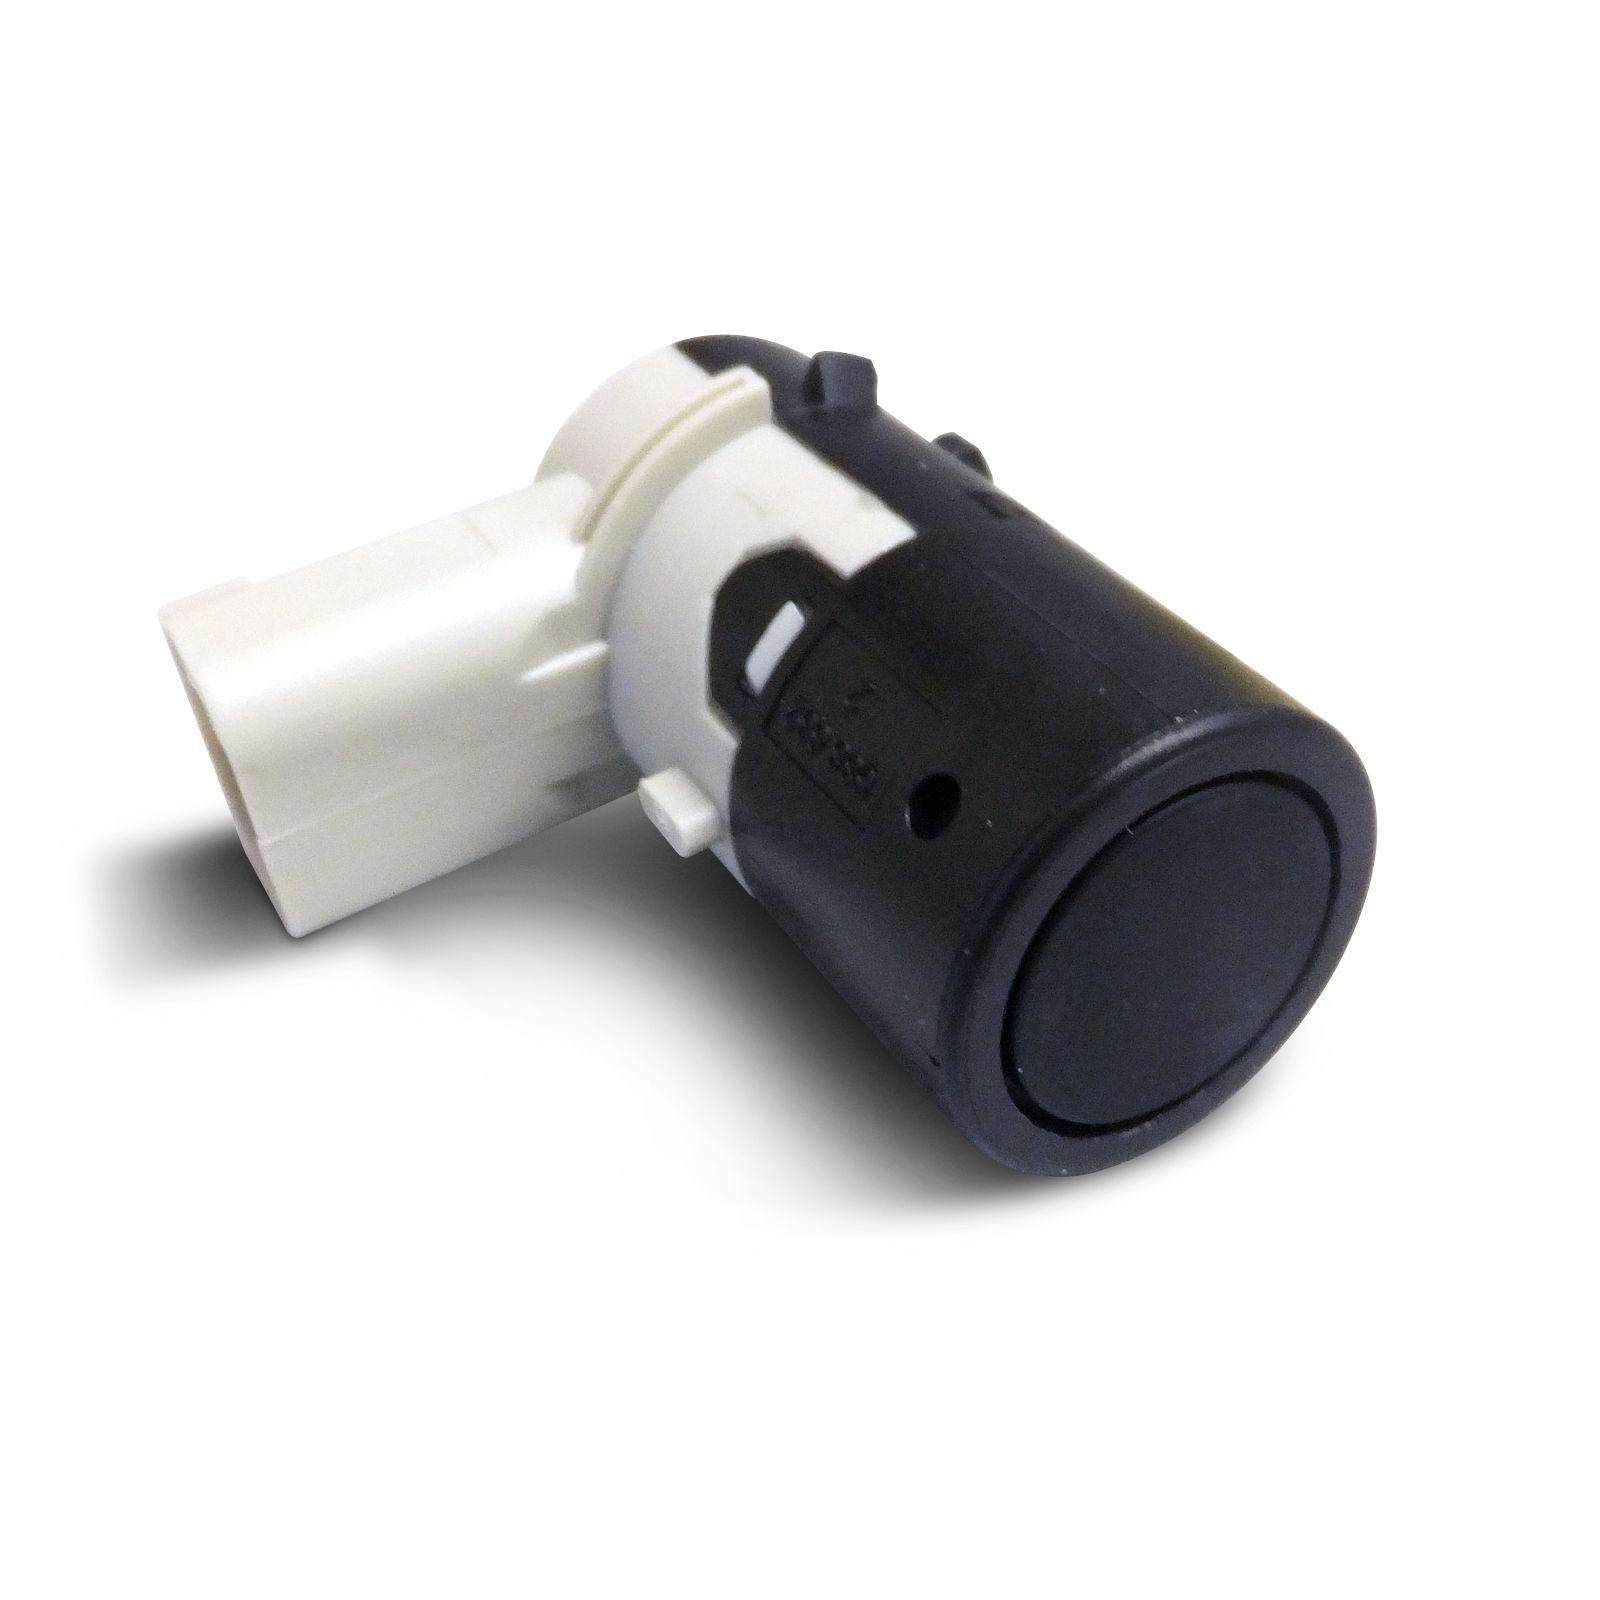 Senzor parcare Citroen C4 1 (Lc), Peugeot 207 (Wa, Wc), 207 Cc (Wd) parte montare : Spate